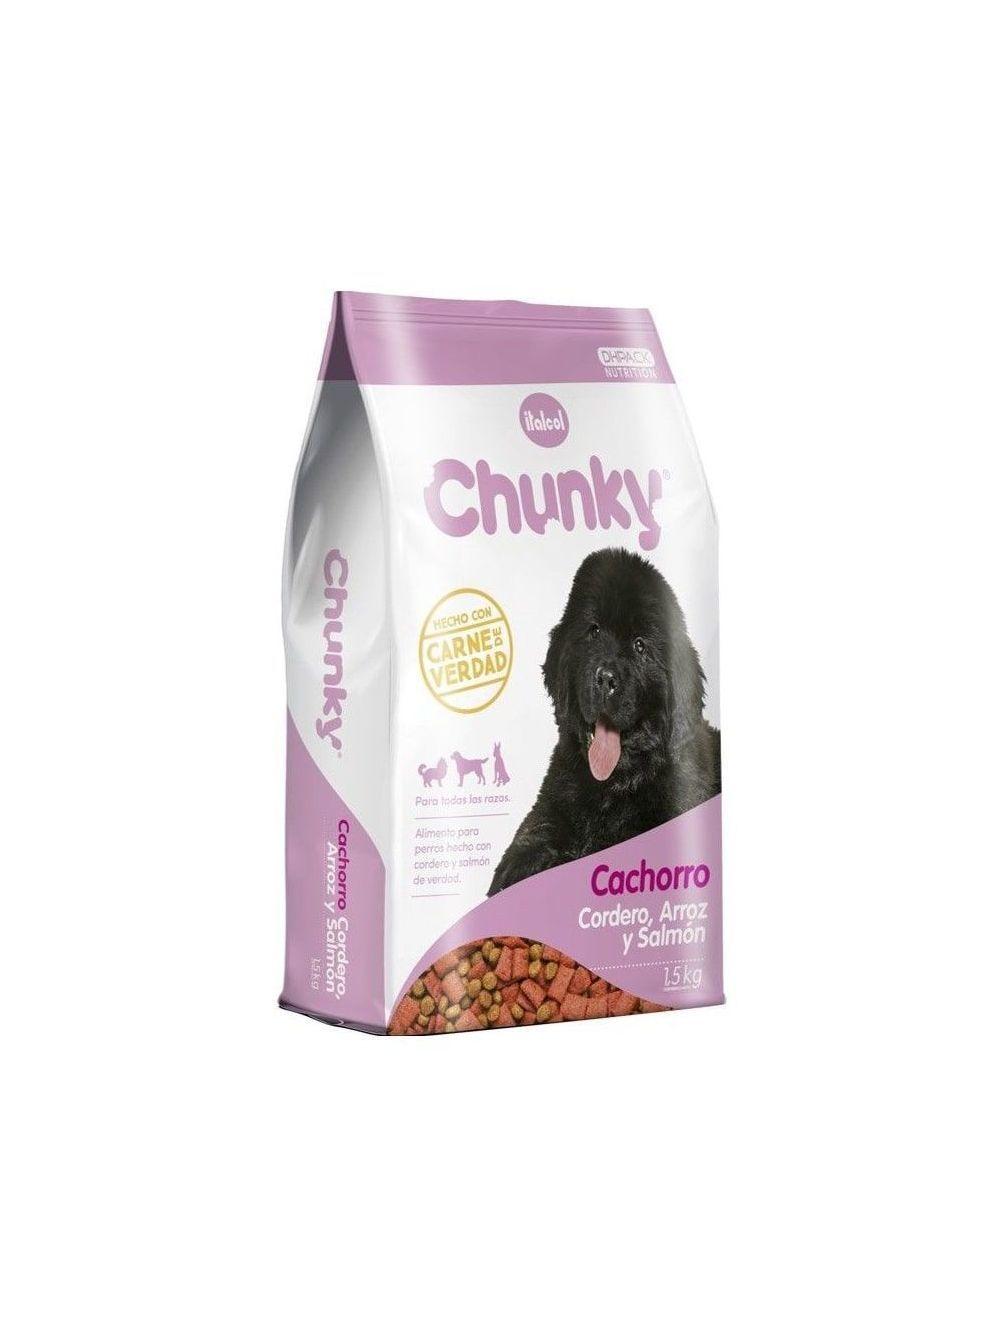 Chunky cachorro cordero arroz y salmón 4 Kg